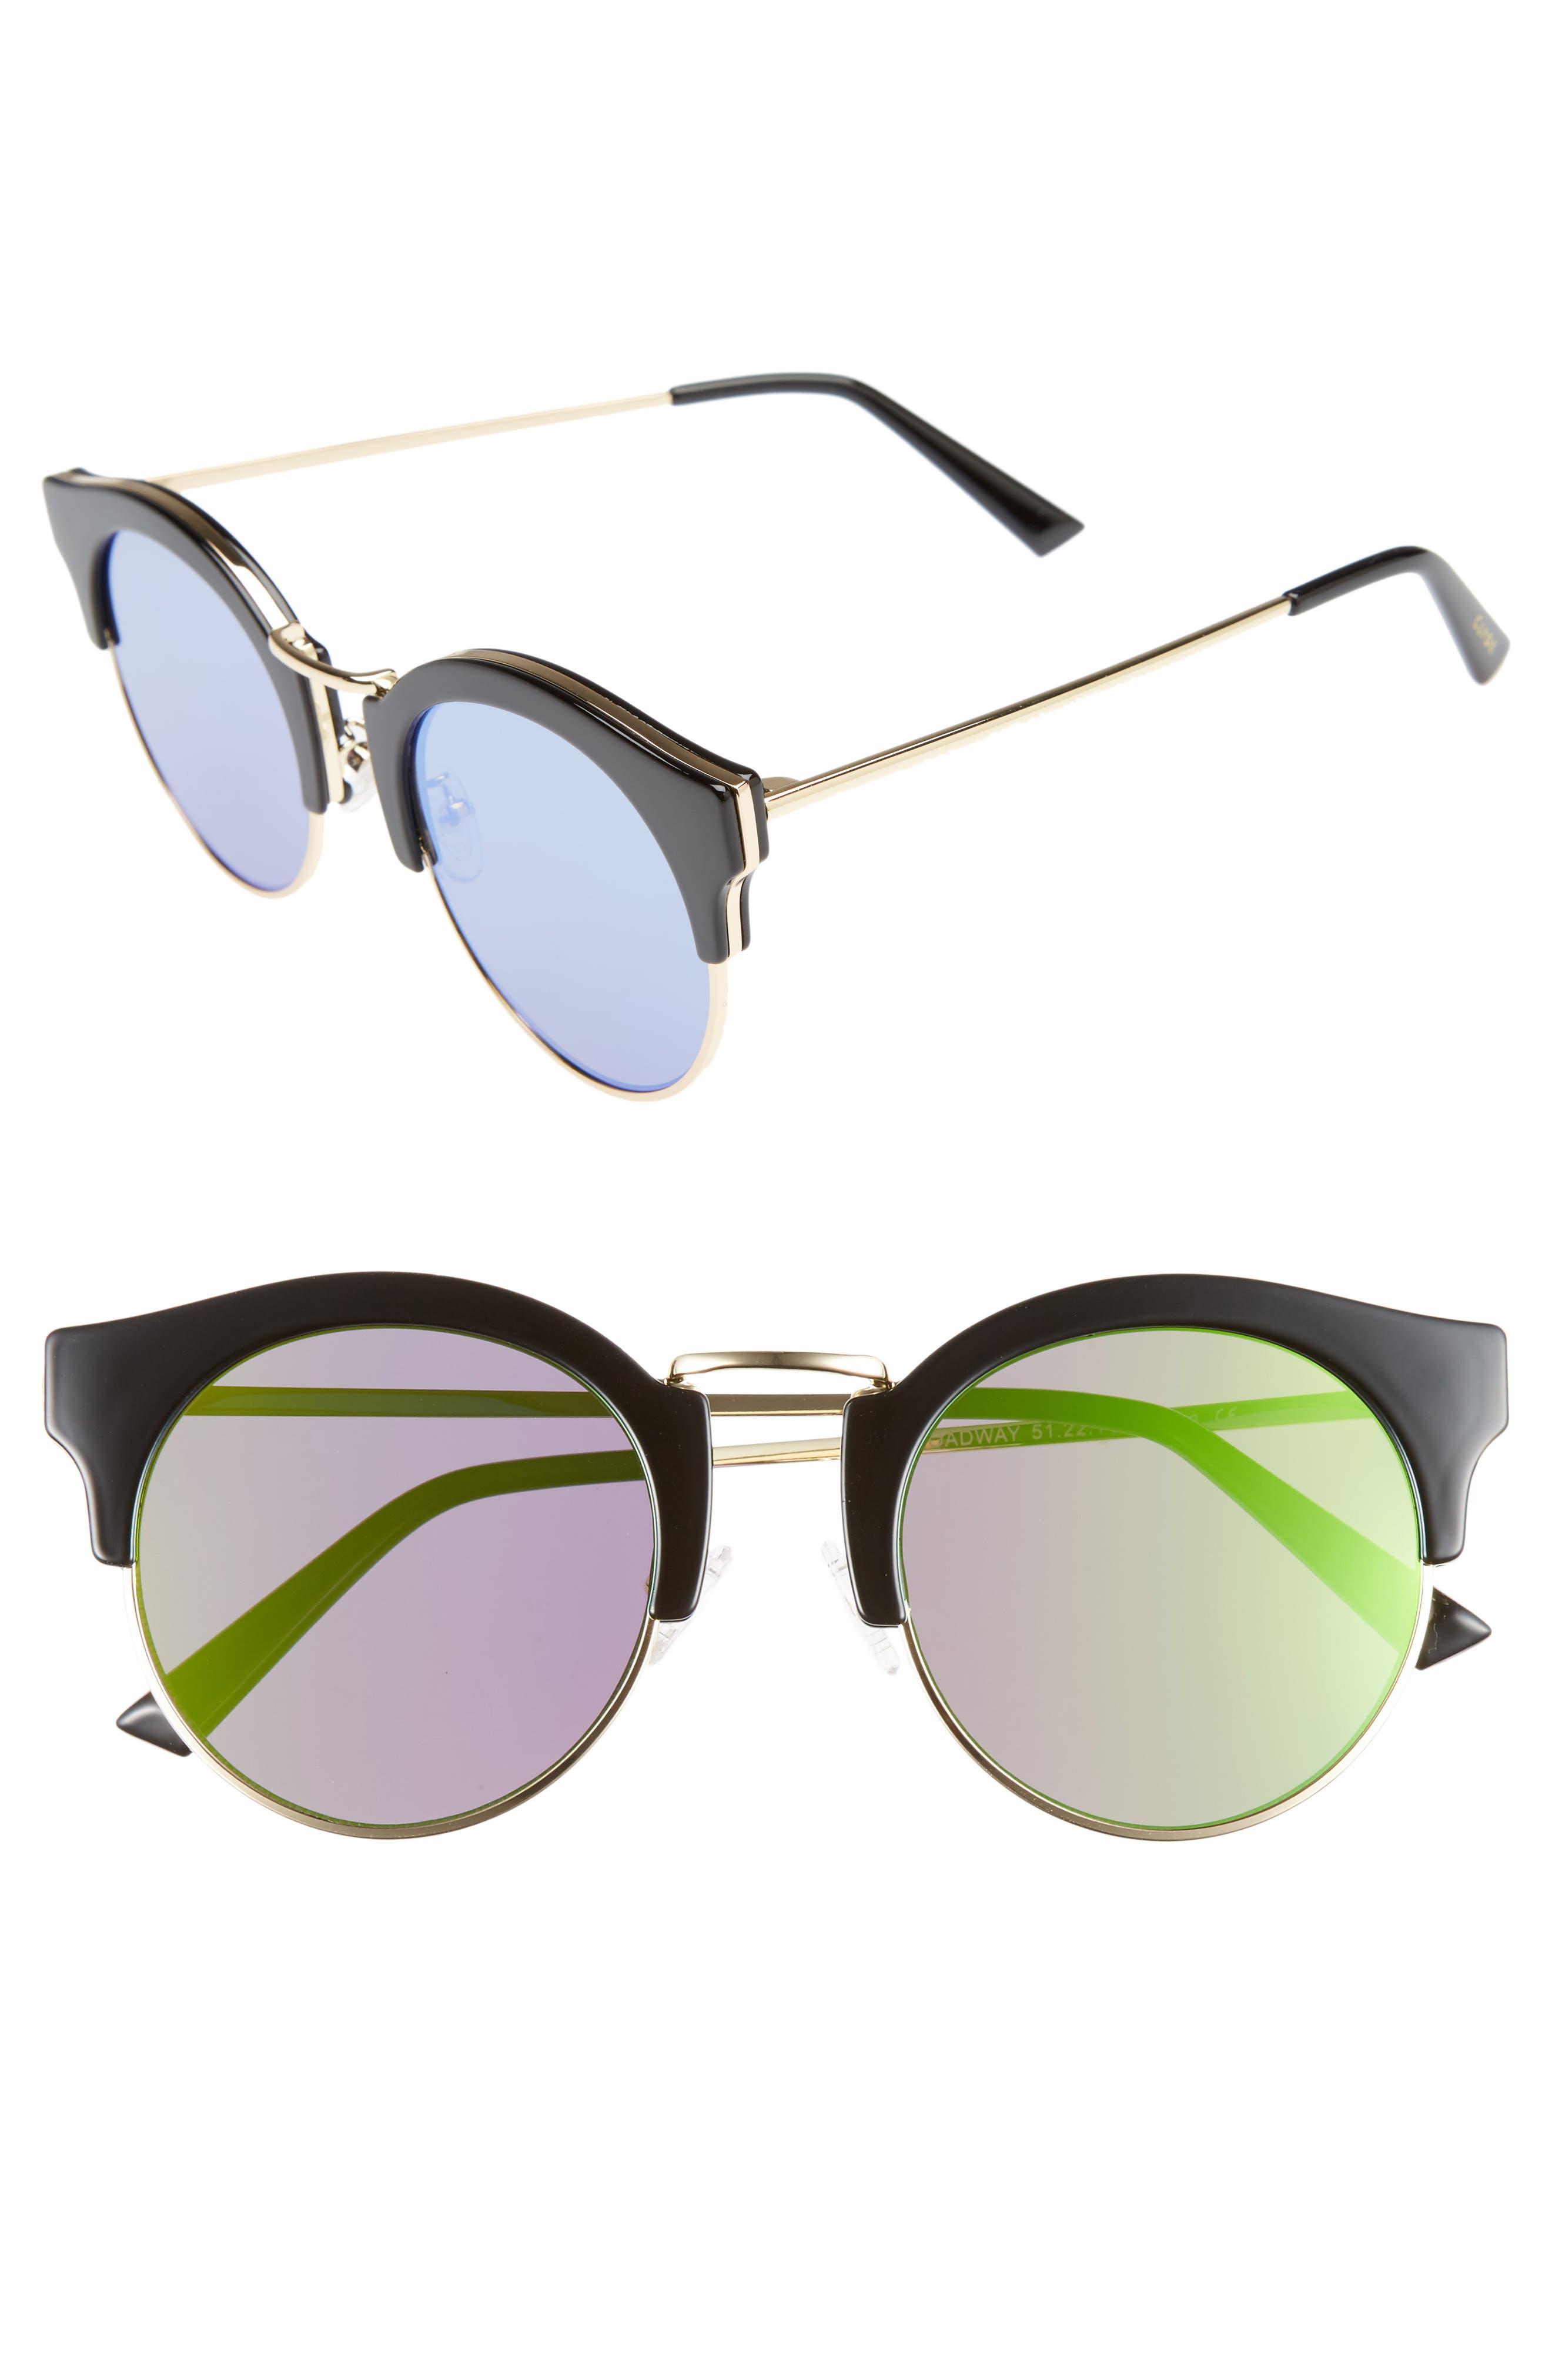 Broadway 51mm Retro Sunglasses,                         Main,                         color,